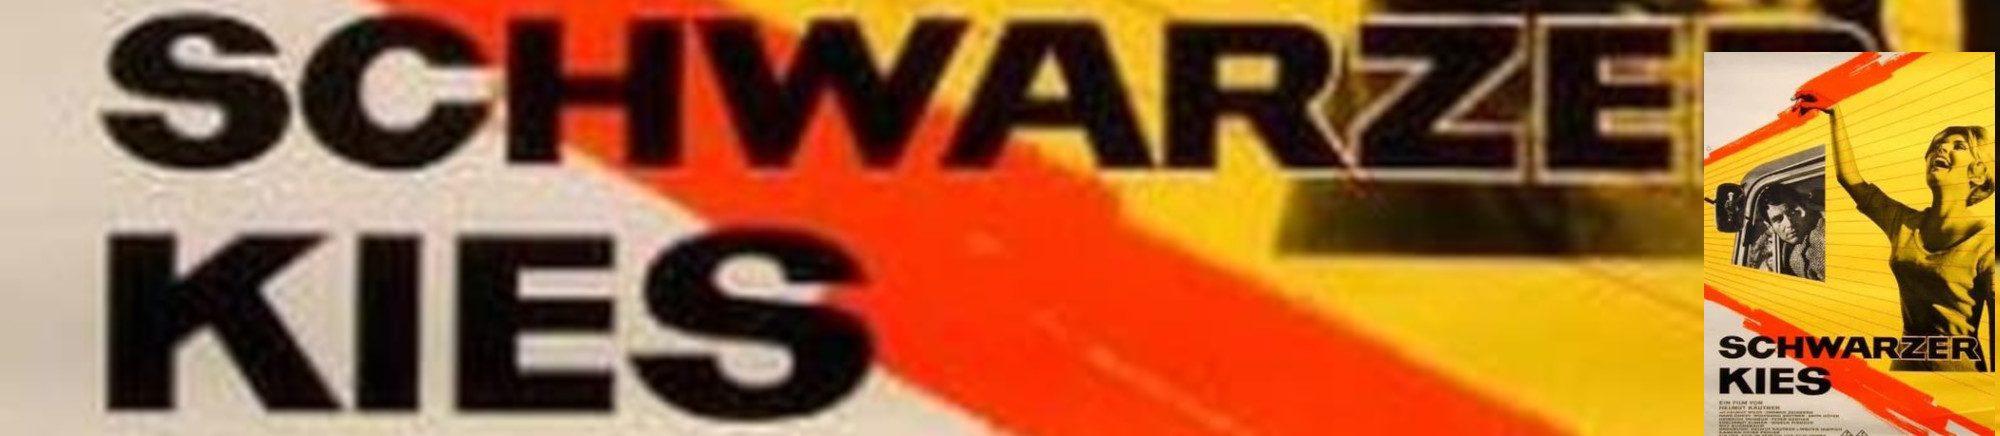 Schwarzer Kies Banner